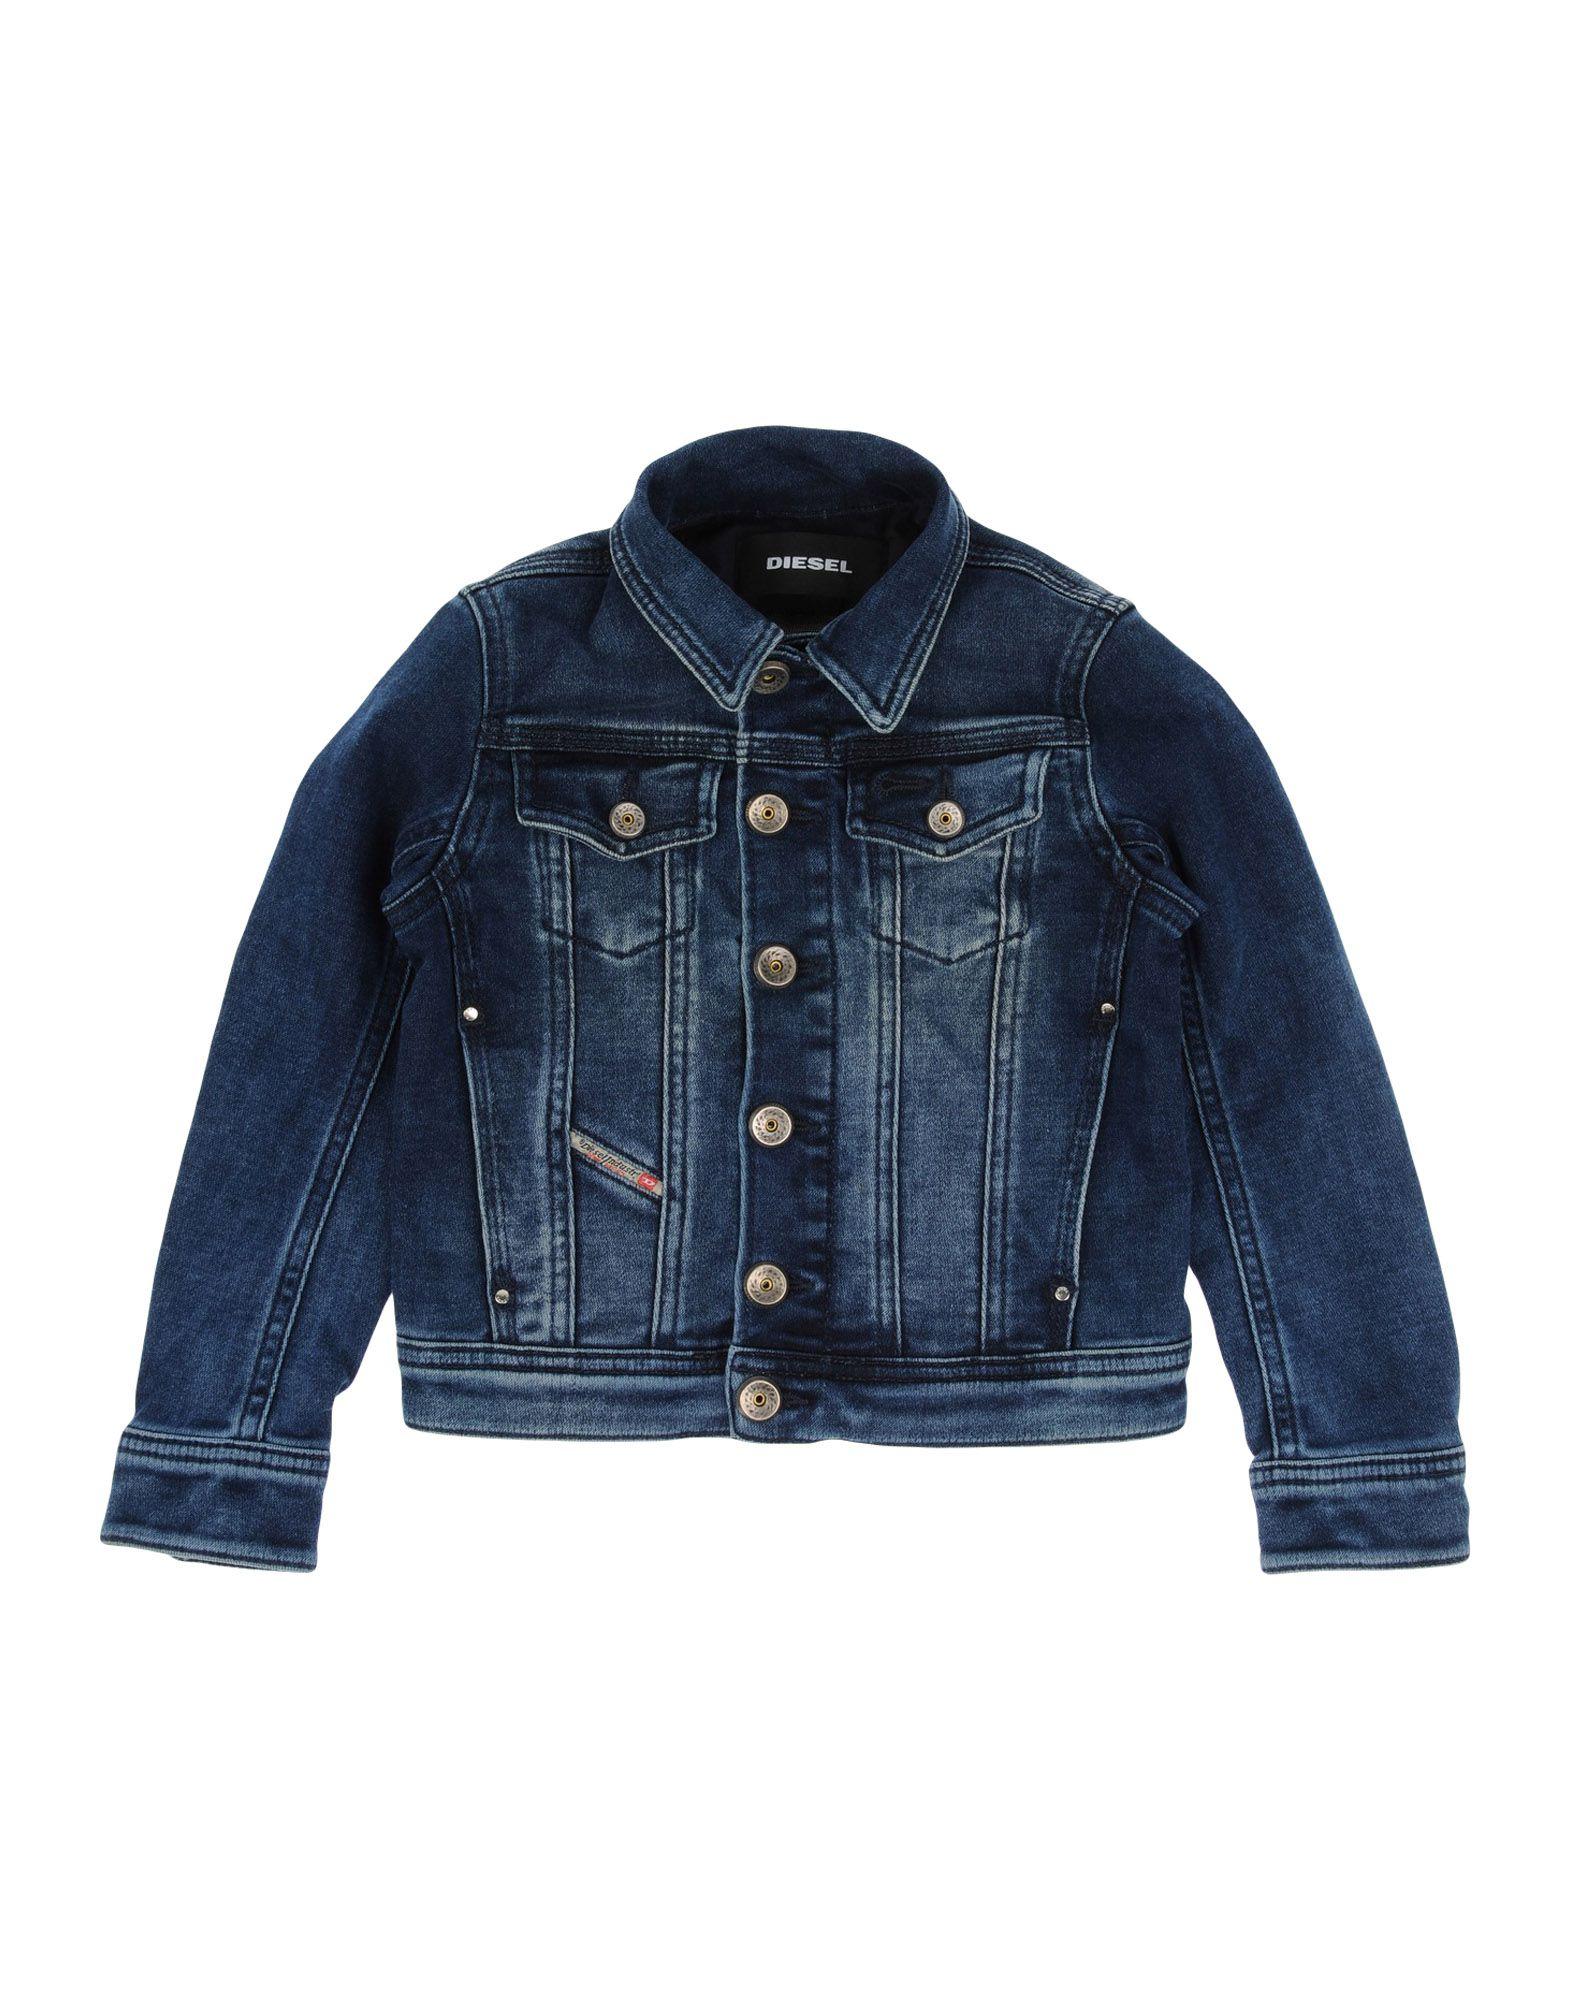 DIESEL | DIESEL Denim outerwear | Goxip